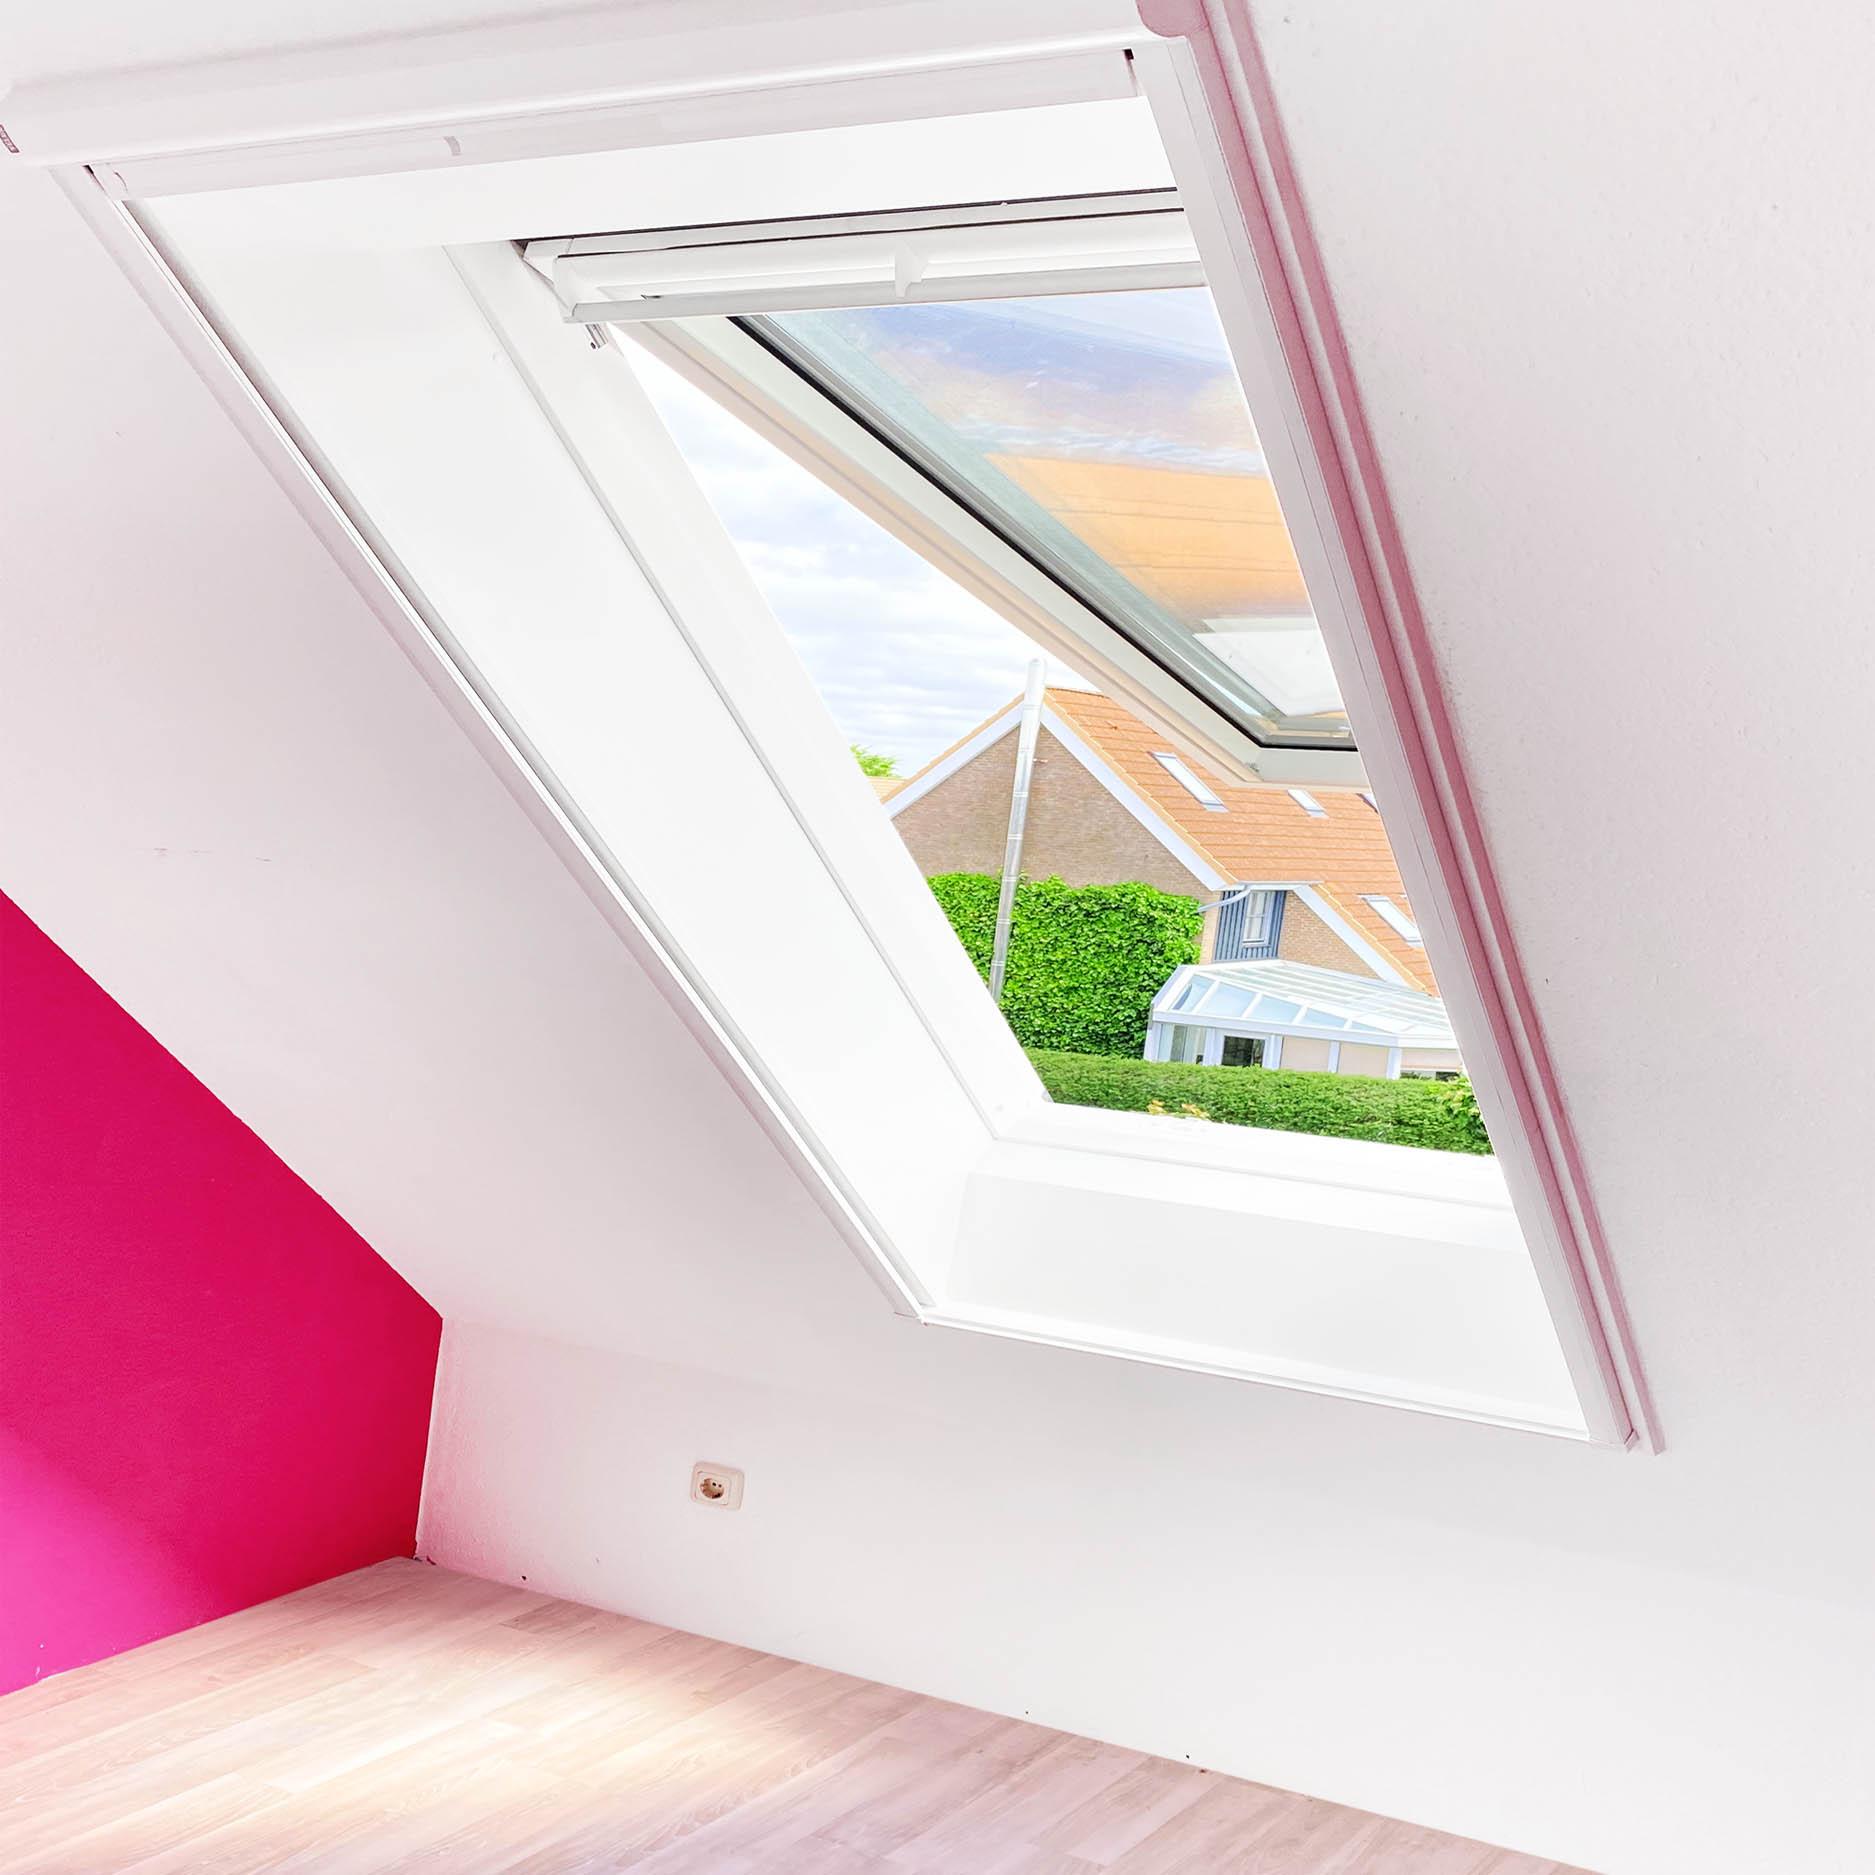 dachfenster-nachher-22